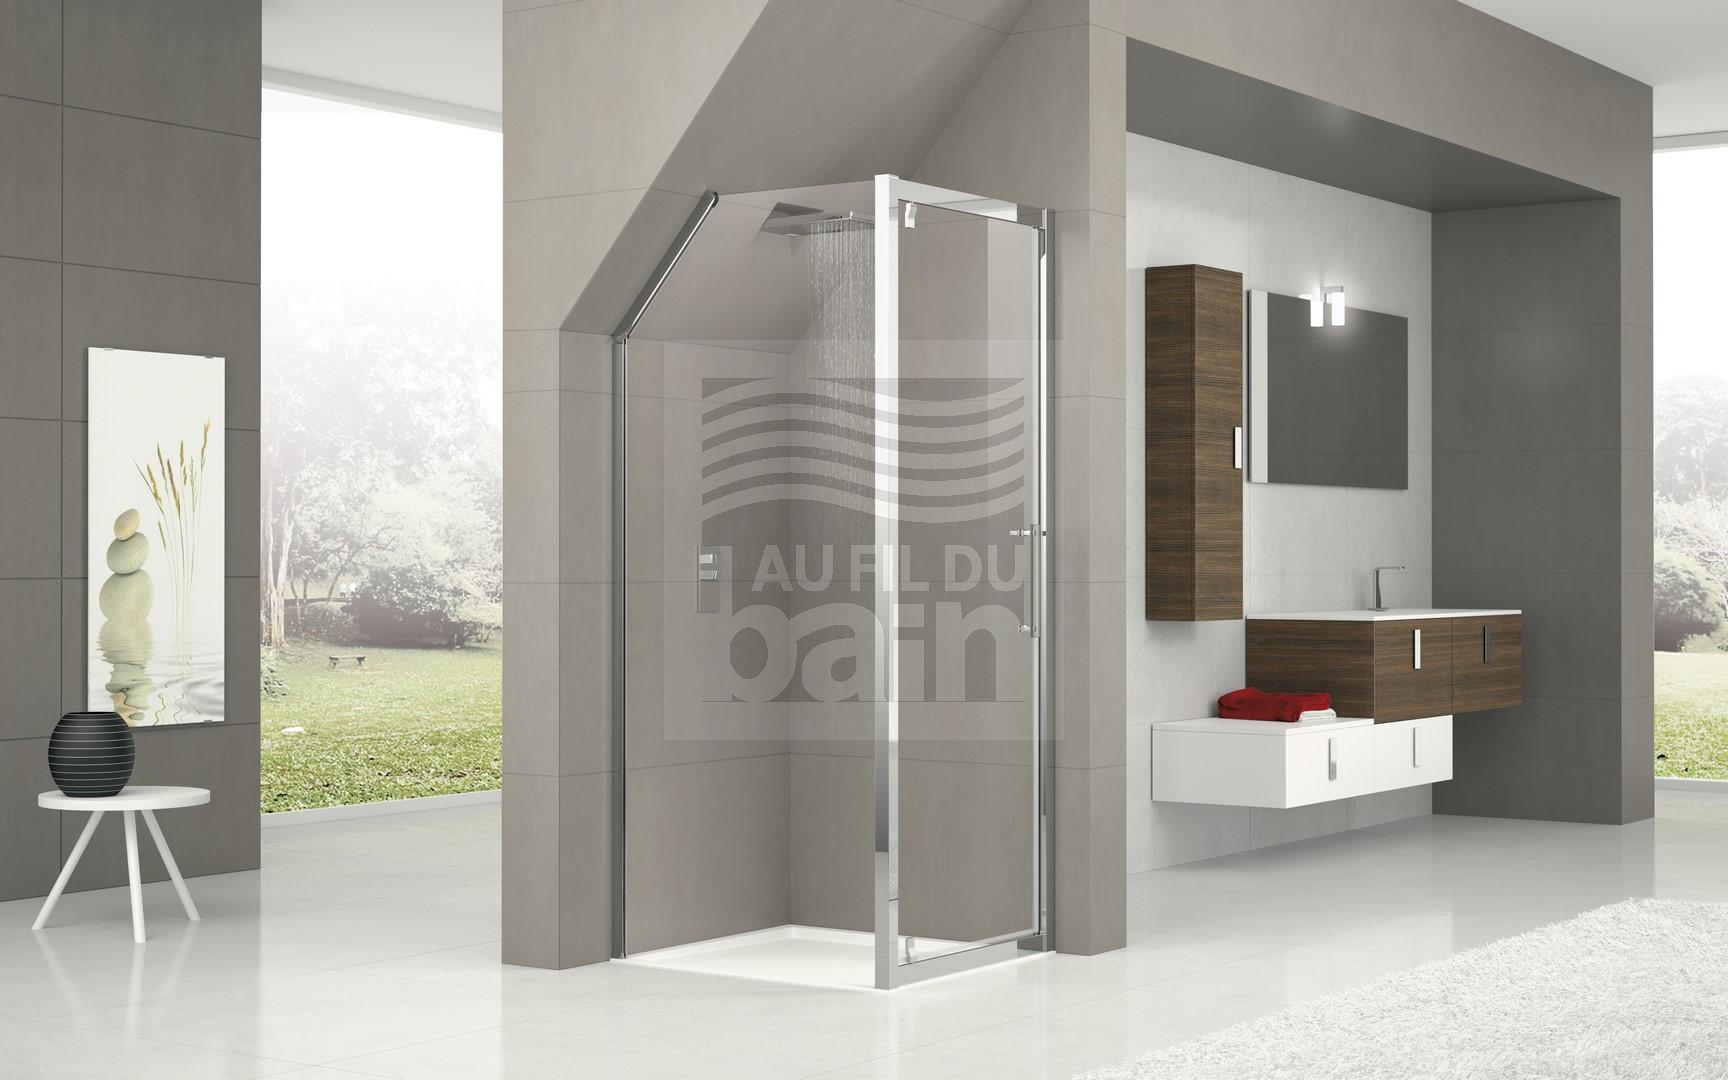 parois de douche sur mesure magasin pour vente de meubles de salle de bains marseille tosolini. Black Bedroom Furniture Sets. Home Design Ideas